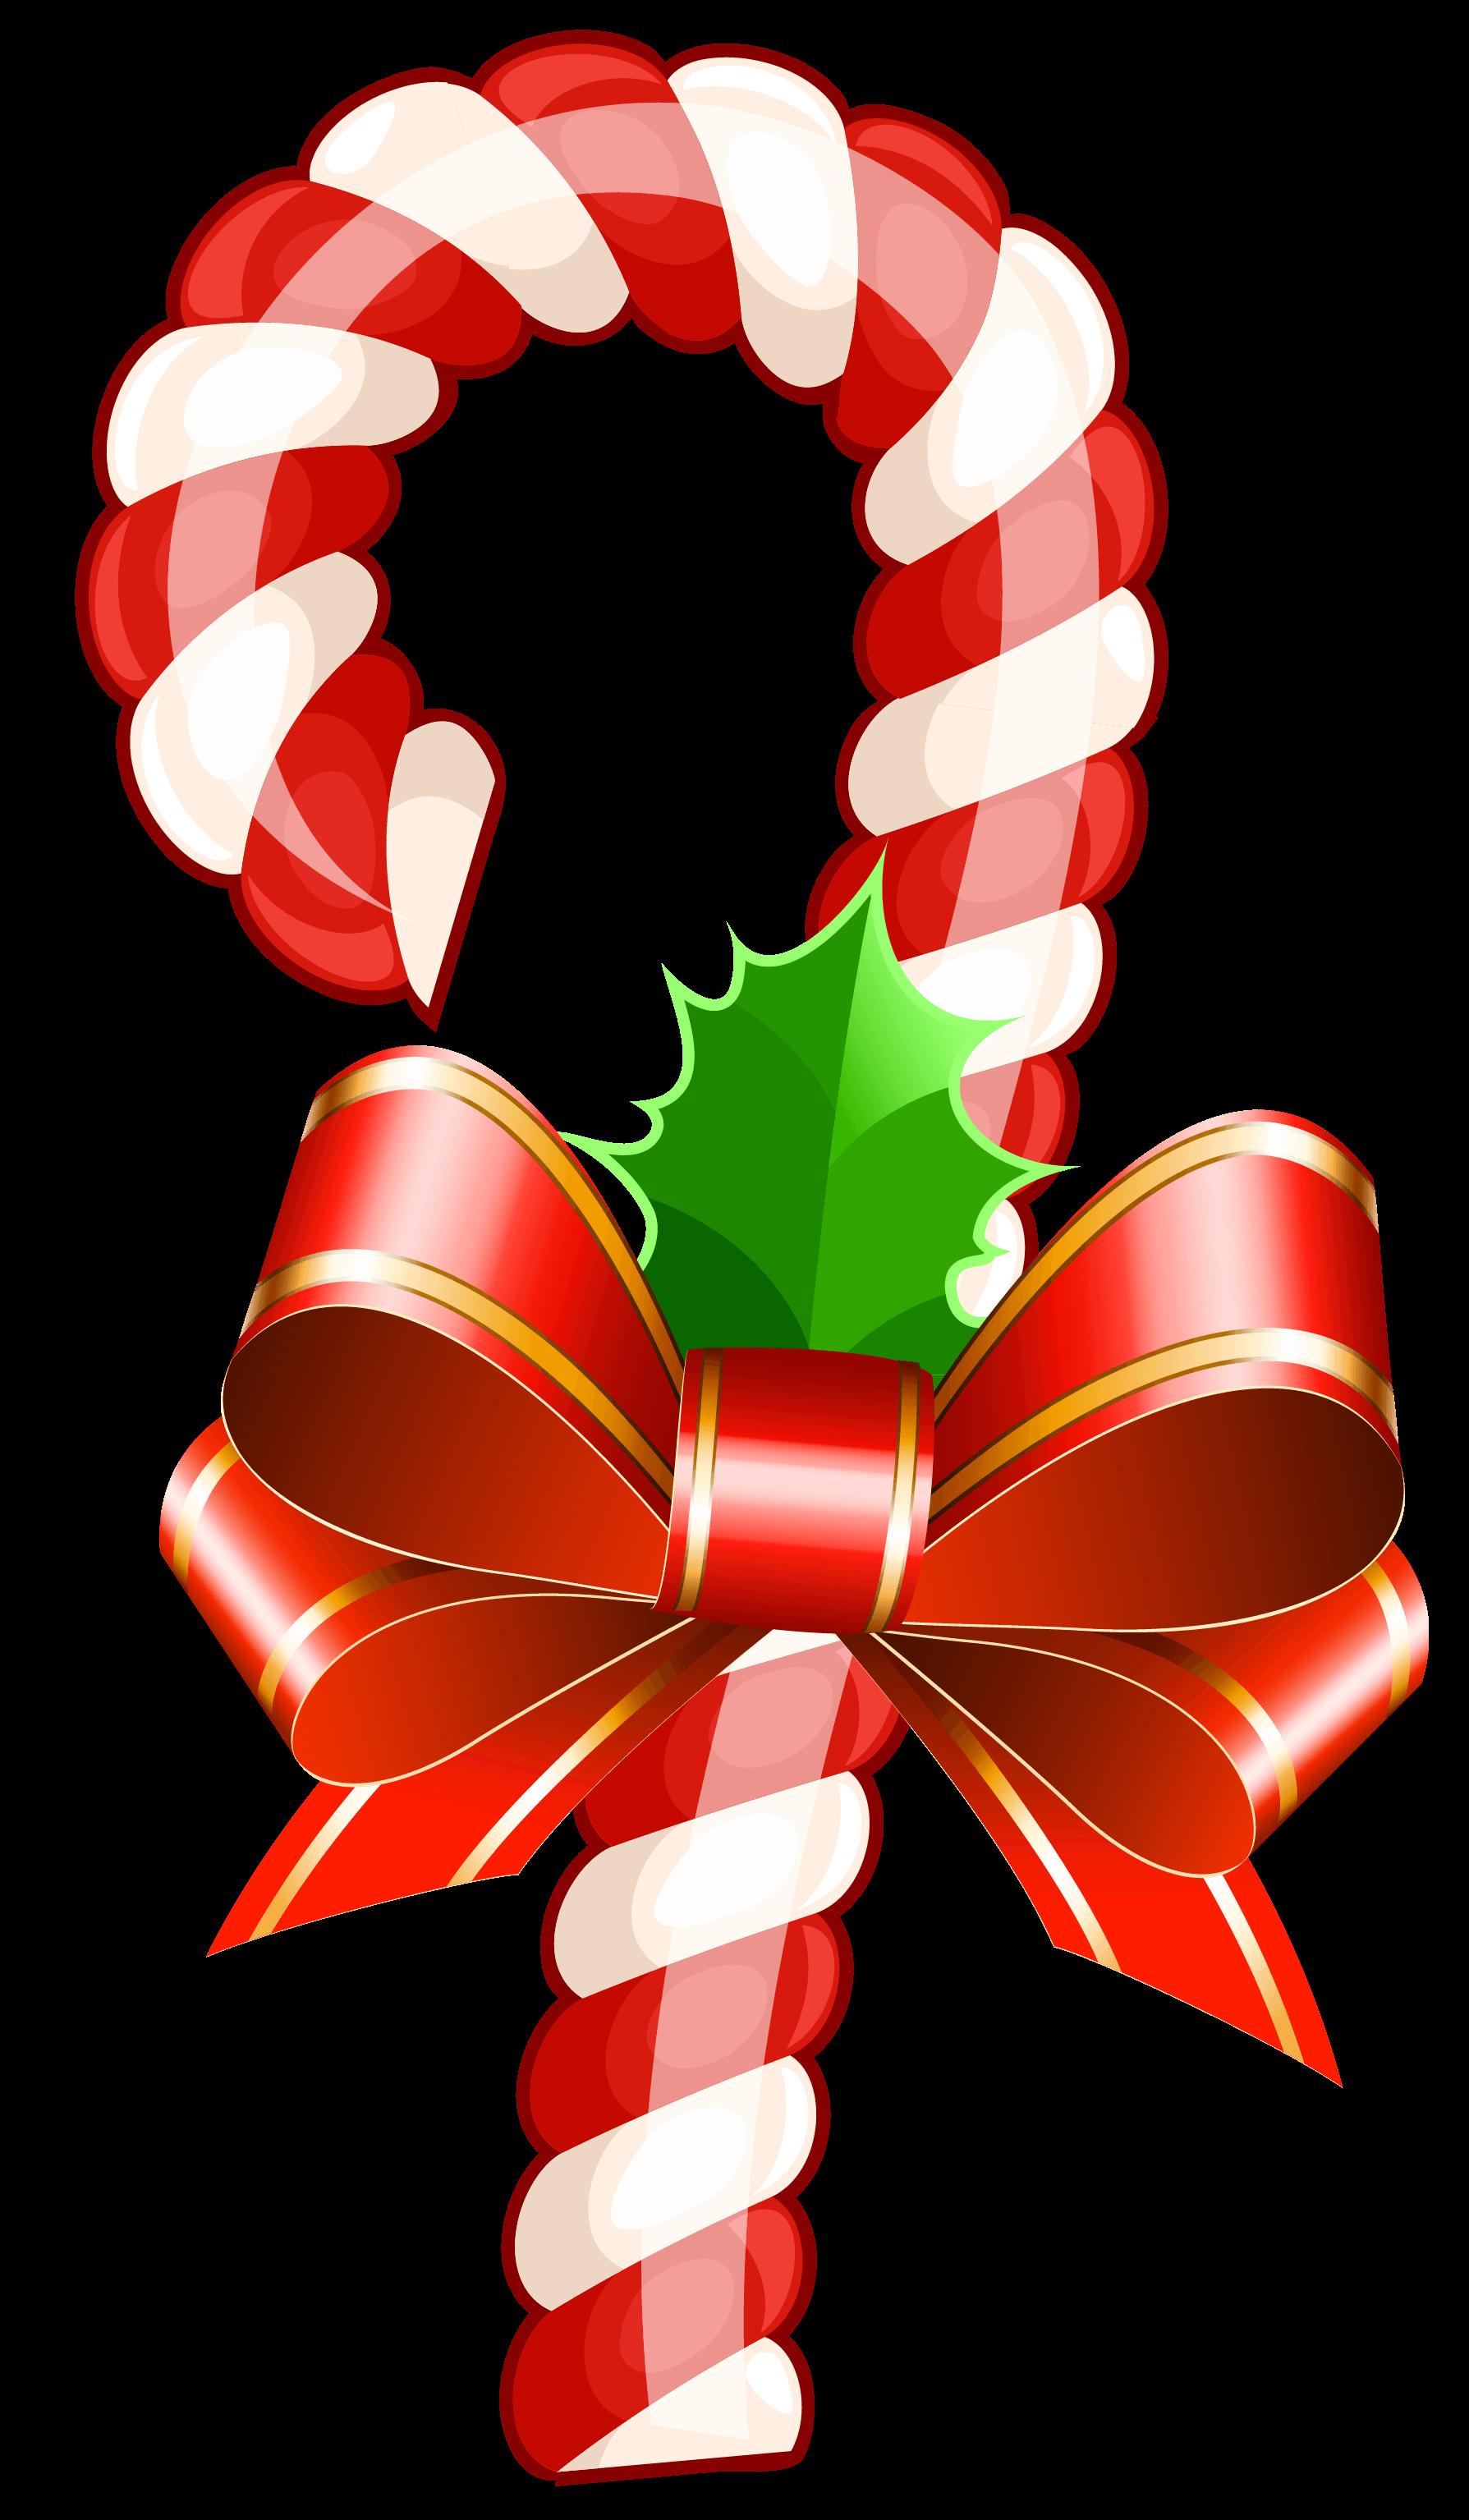 Jokingart com . Lollipop clipart holiday candy